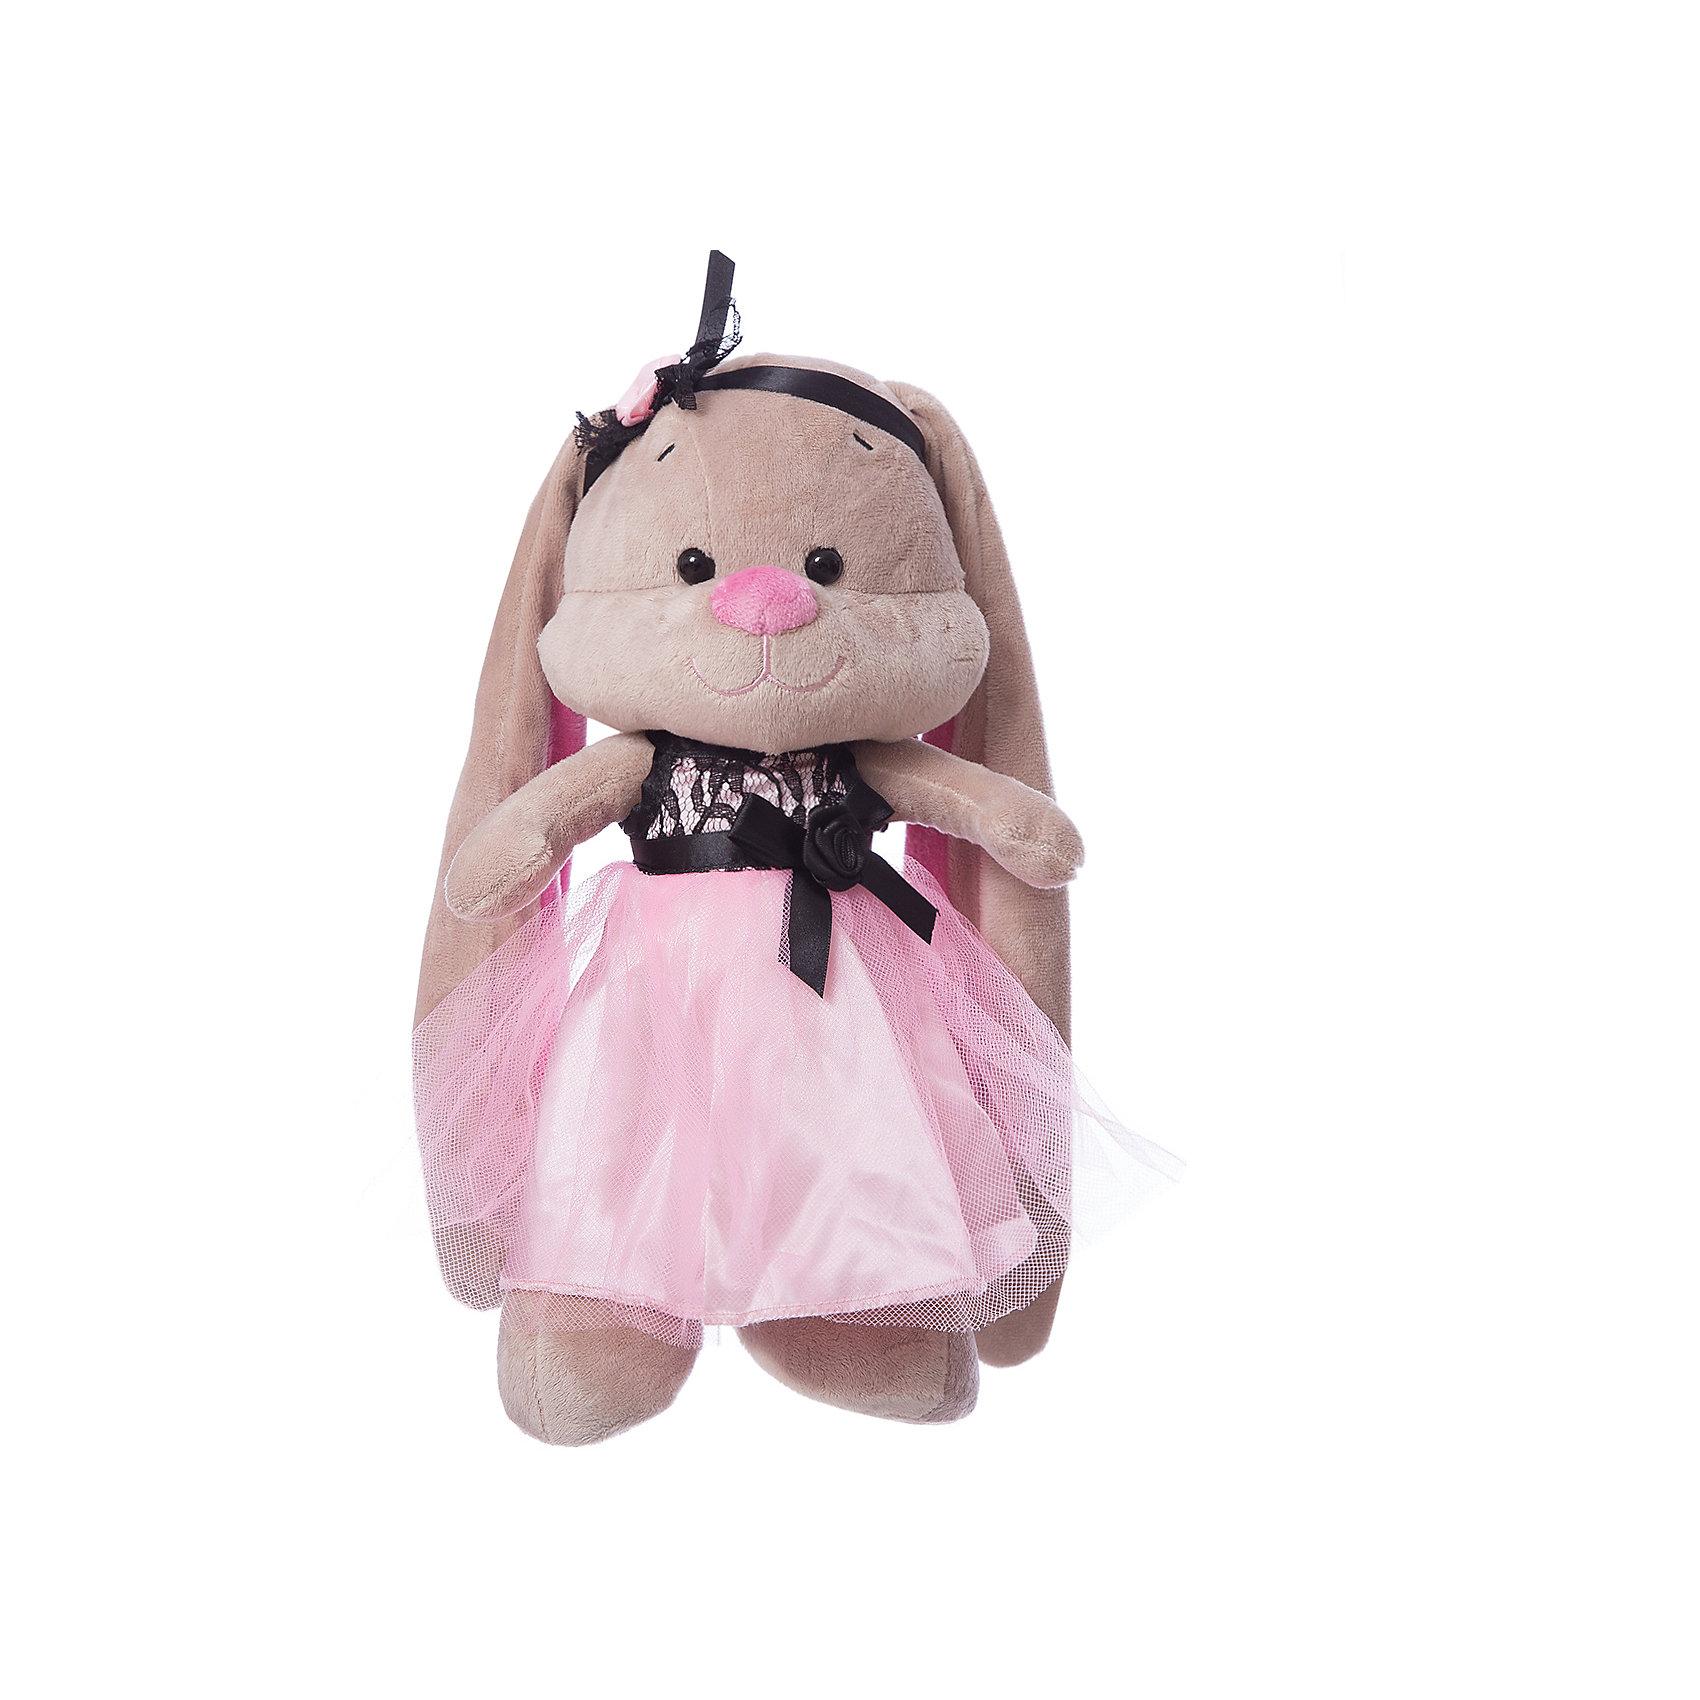 Зайка Лин в розово-черном платьице, 25 см, MAXITOYSКрасивая игрушка сделана в виде Зайца в платье. Она поможет ребенку проводить время весело и с пользой (такие игрушки развивают воображение и моторику). Смотрится игрушка очень мило - ее хочется трогать и играть с ней.<br>Размер игрушки универсален - 25 сантиметров, её удобно брать с собой в поездки и на прогулку. Сделан Зайка из качественных и безопасных для ребенка материалов, которые еще и приятны на ощупь. Эта игрушка может стать и отличным подарком для взрослого, также она украсит любой интерьер.<br><br>Дополнительная информация:<br><br>- материал: мех искусственный, трикотажный, волокно полиэфирное;<br>- высота: 25 см.<br><br>Игрушку Лин в розово-черном платьице, 25 см, от марки MAXITOYS можно купить в нашем магазине.<br><br>Ширина мм: 140<br>Глубина мм: 170<br>Высота мм: 250<br>Вес г: 221<br>Возраст от месяцев: 36<br>Возраст до месяцев: 1188<br>Пол: Женский<br>Возраст: Детский<br>SKU: 4701897